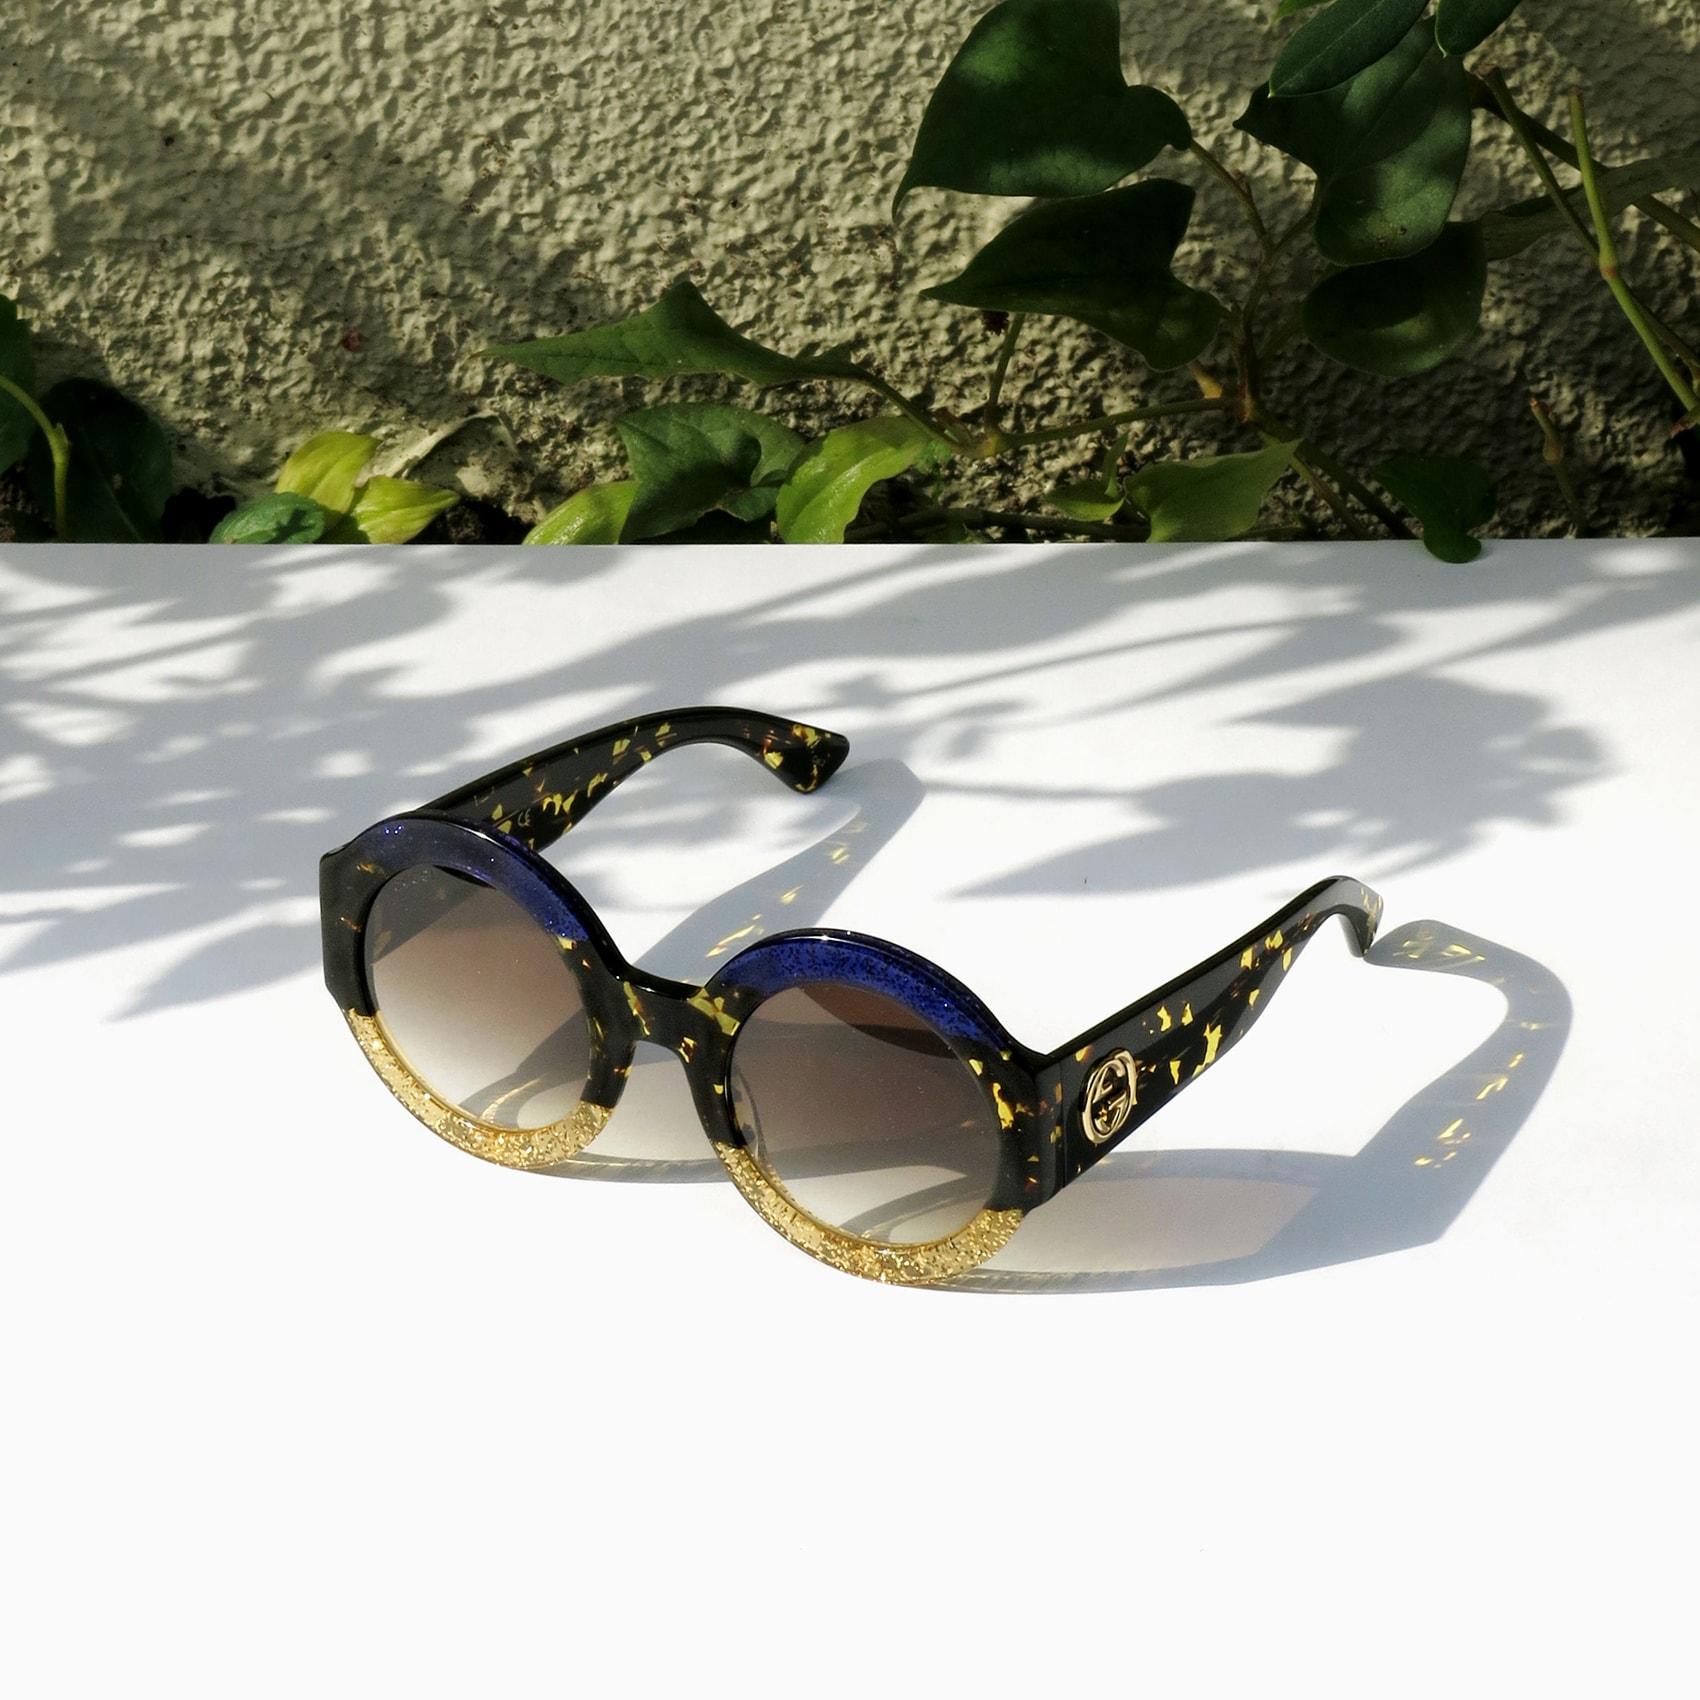 170919-gucci_sunglasses_01